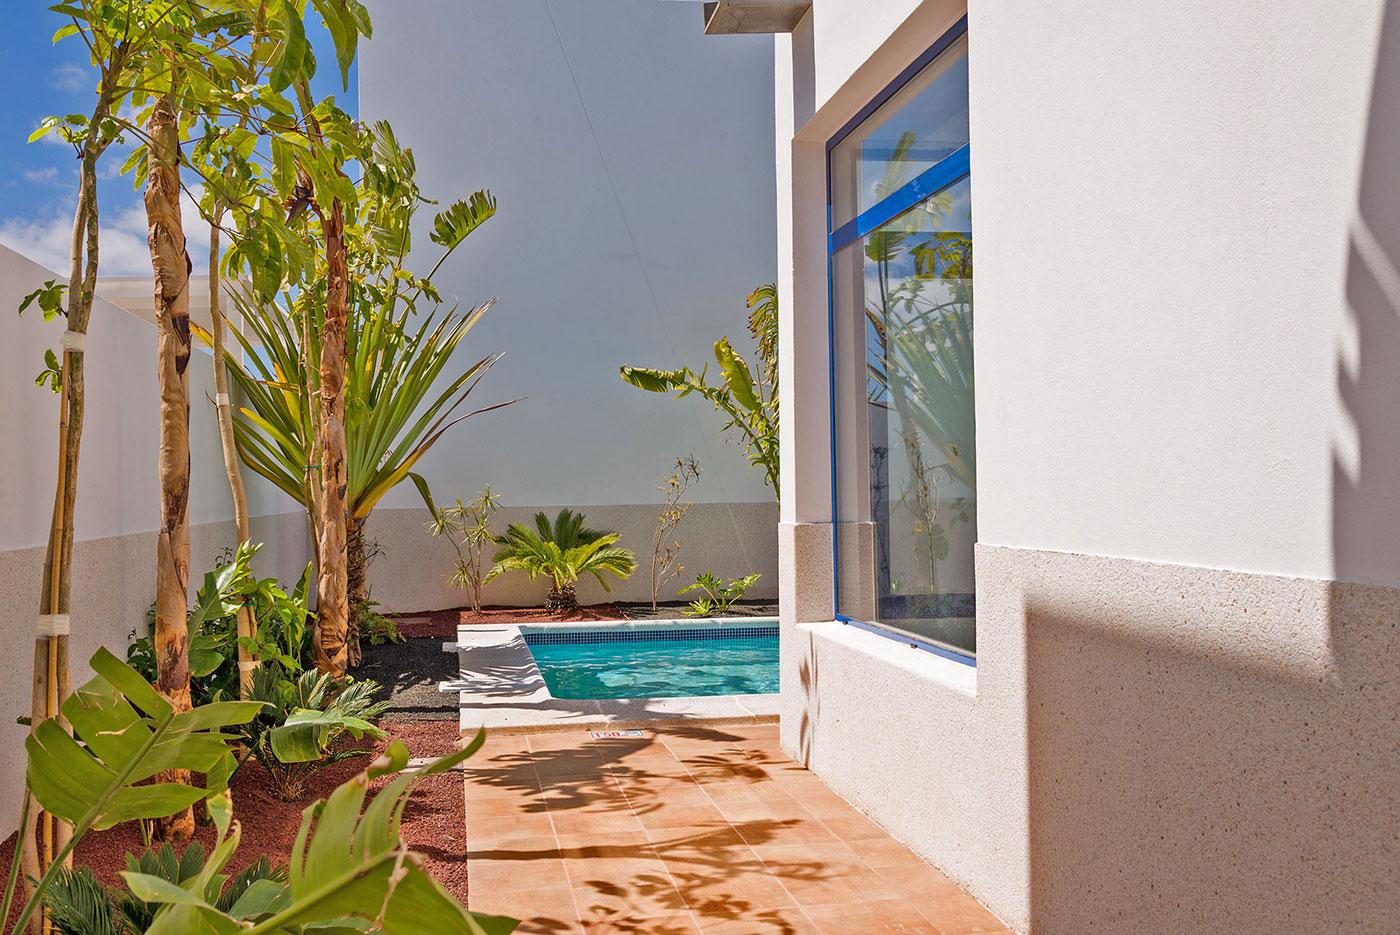 villa-yawl-lanzarote-tropical-gardens